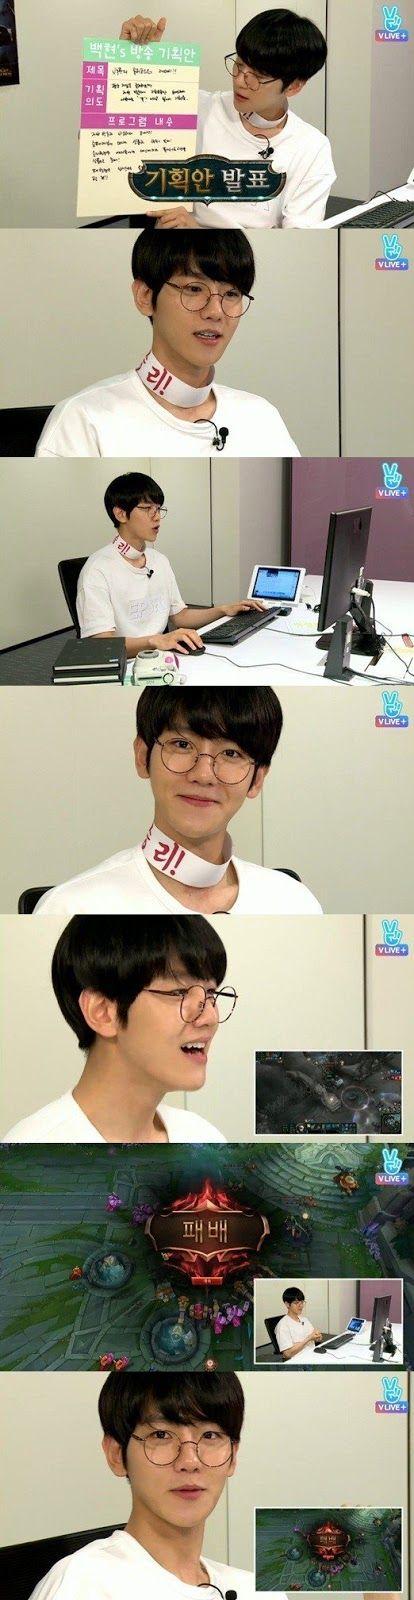 Baekhyun mostra suas habilidades no League Of Legends - Inspire Kpop